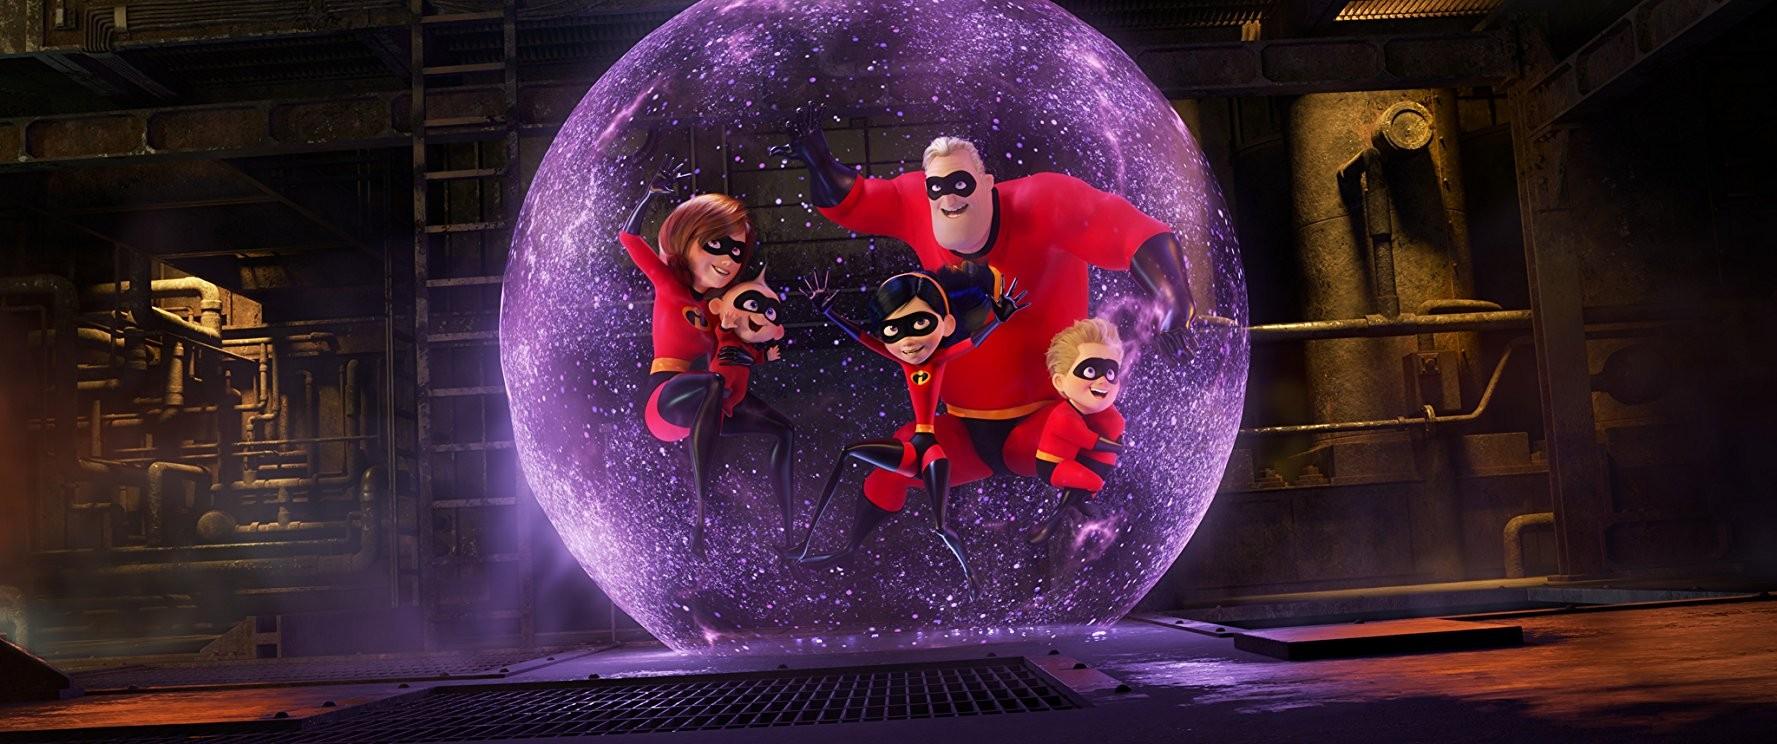 Os Incríveis 2 concorre à Melhor Animação no Oscar 2019 (Foto: Divulgação)